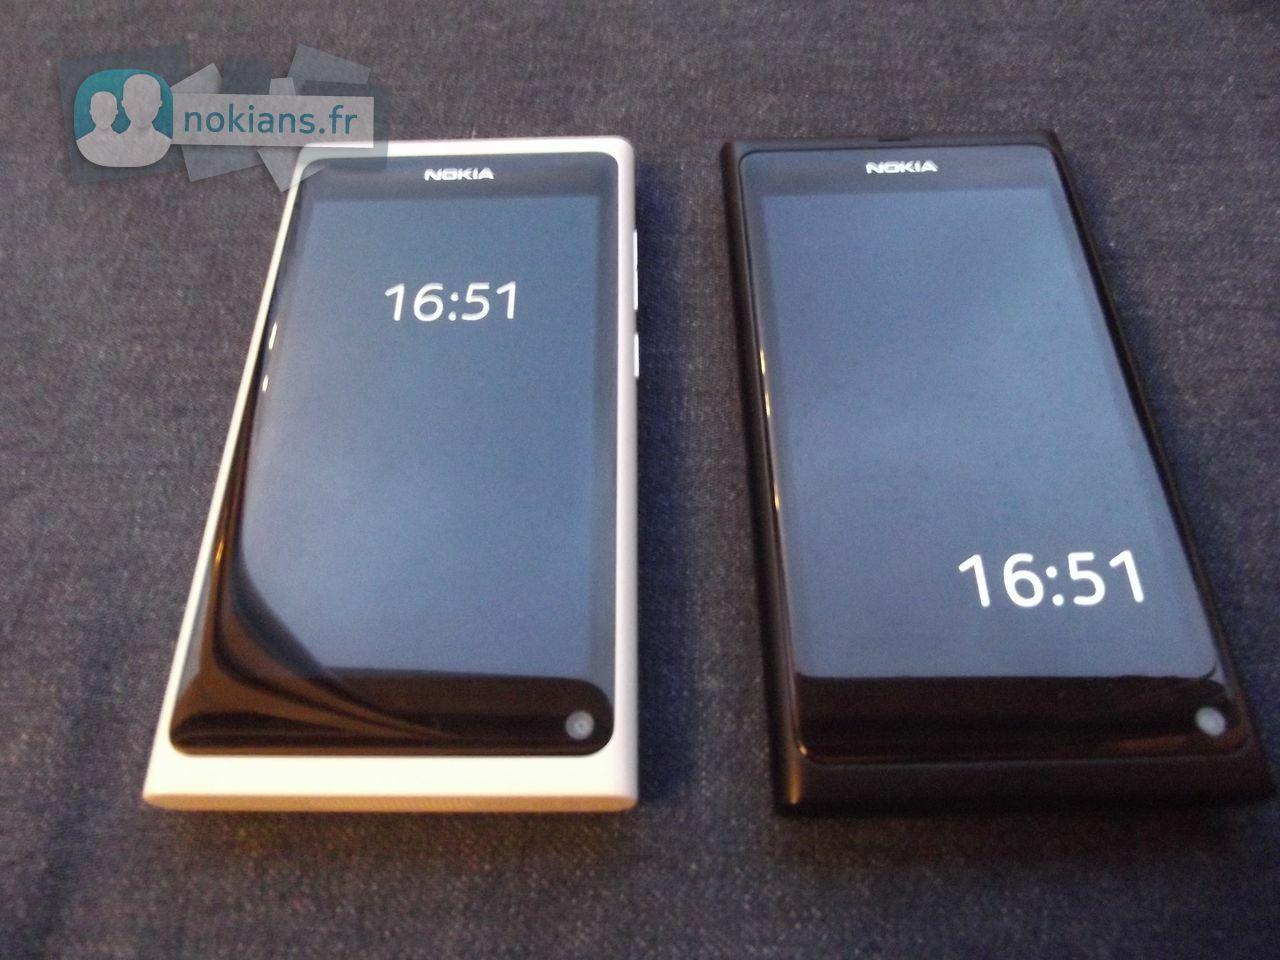 White_Nokia_N9_NokiansFr_05